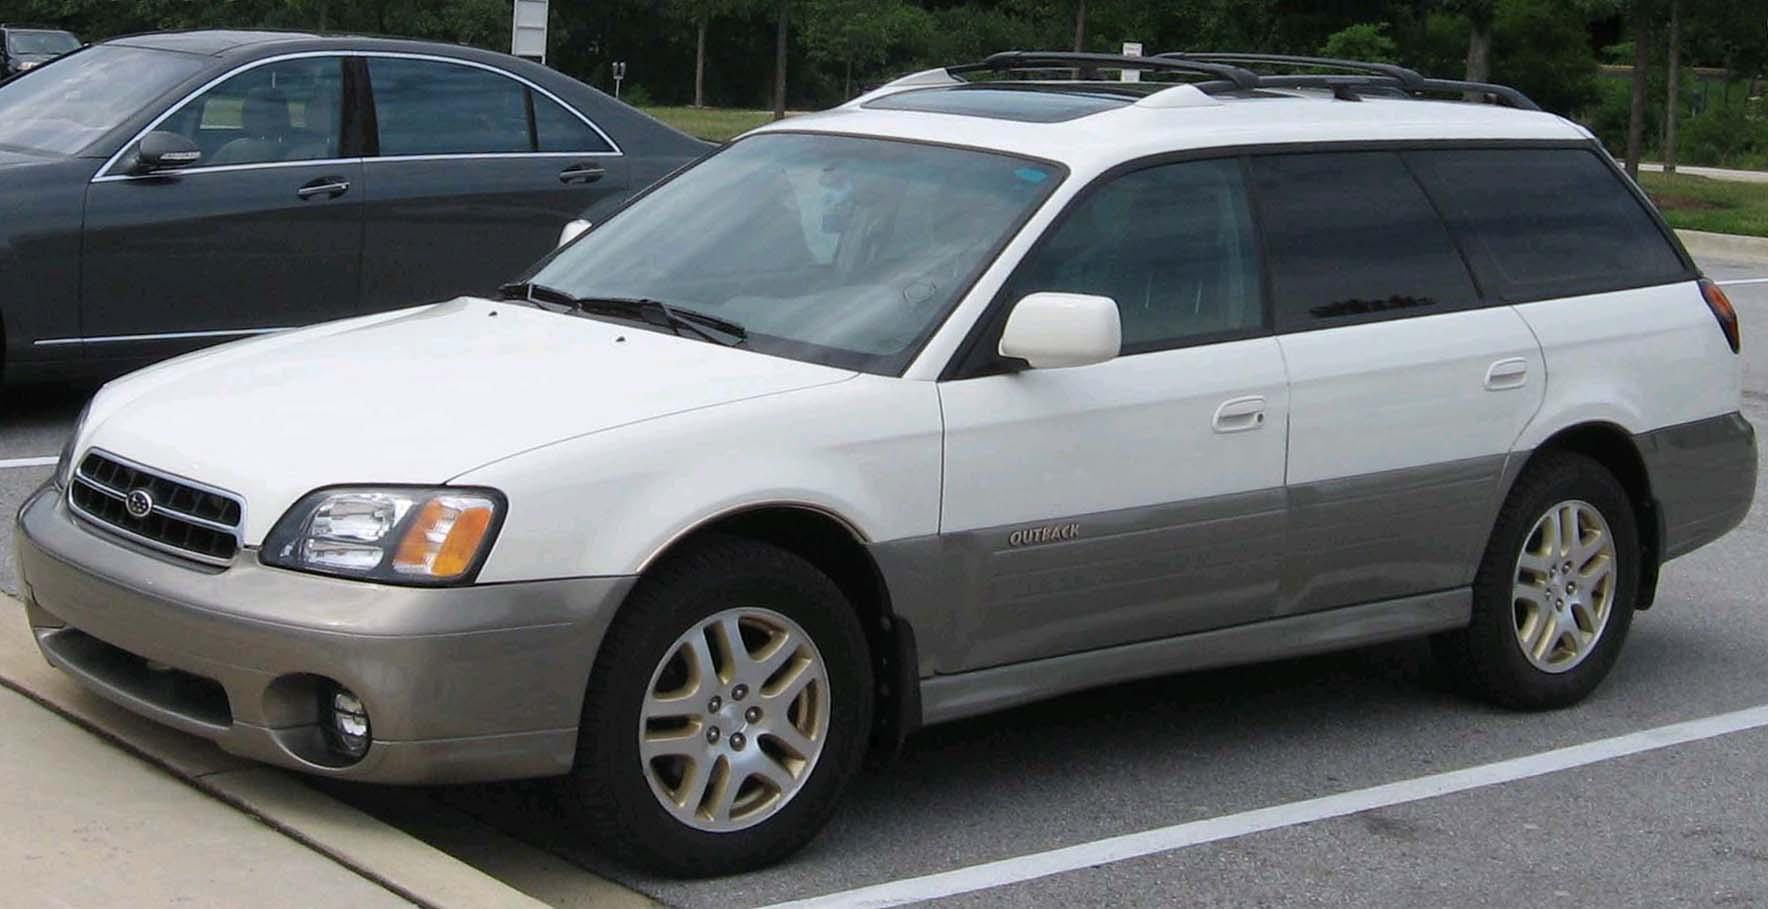 """Результат пошуку зображень за запитом """"Subaru Outback Wagon"""""""